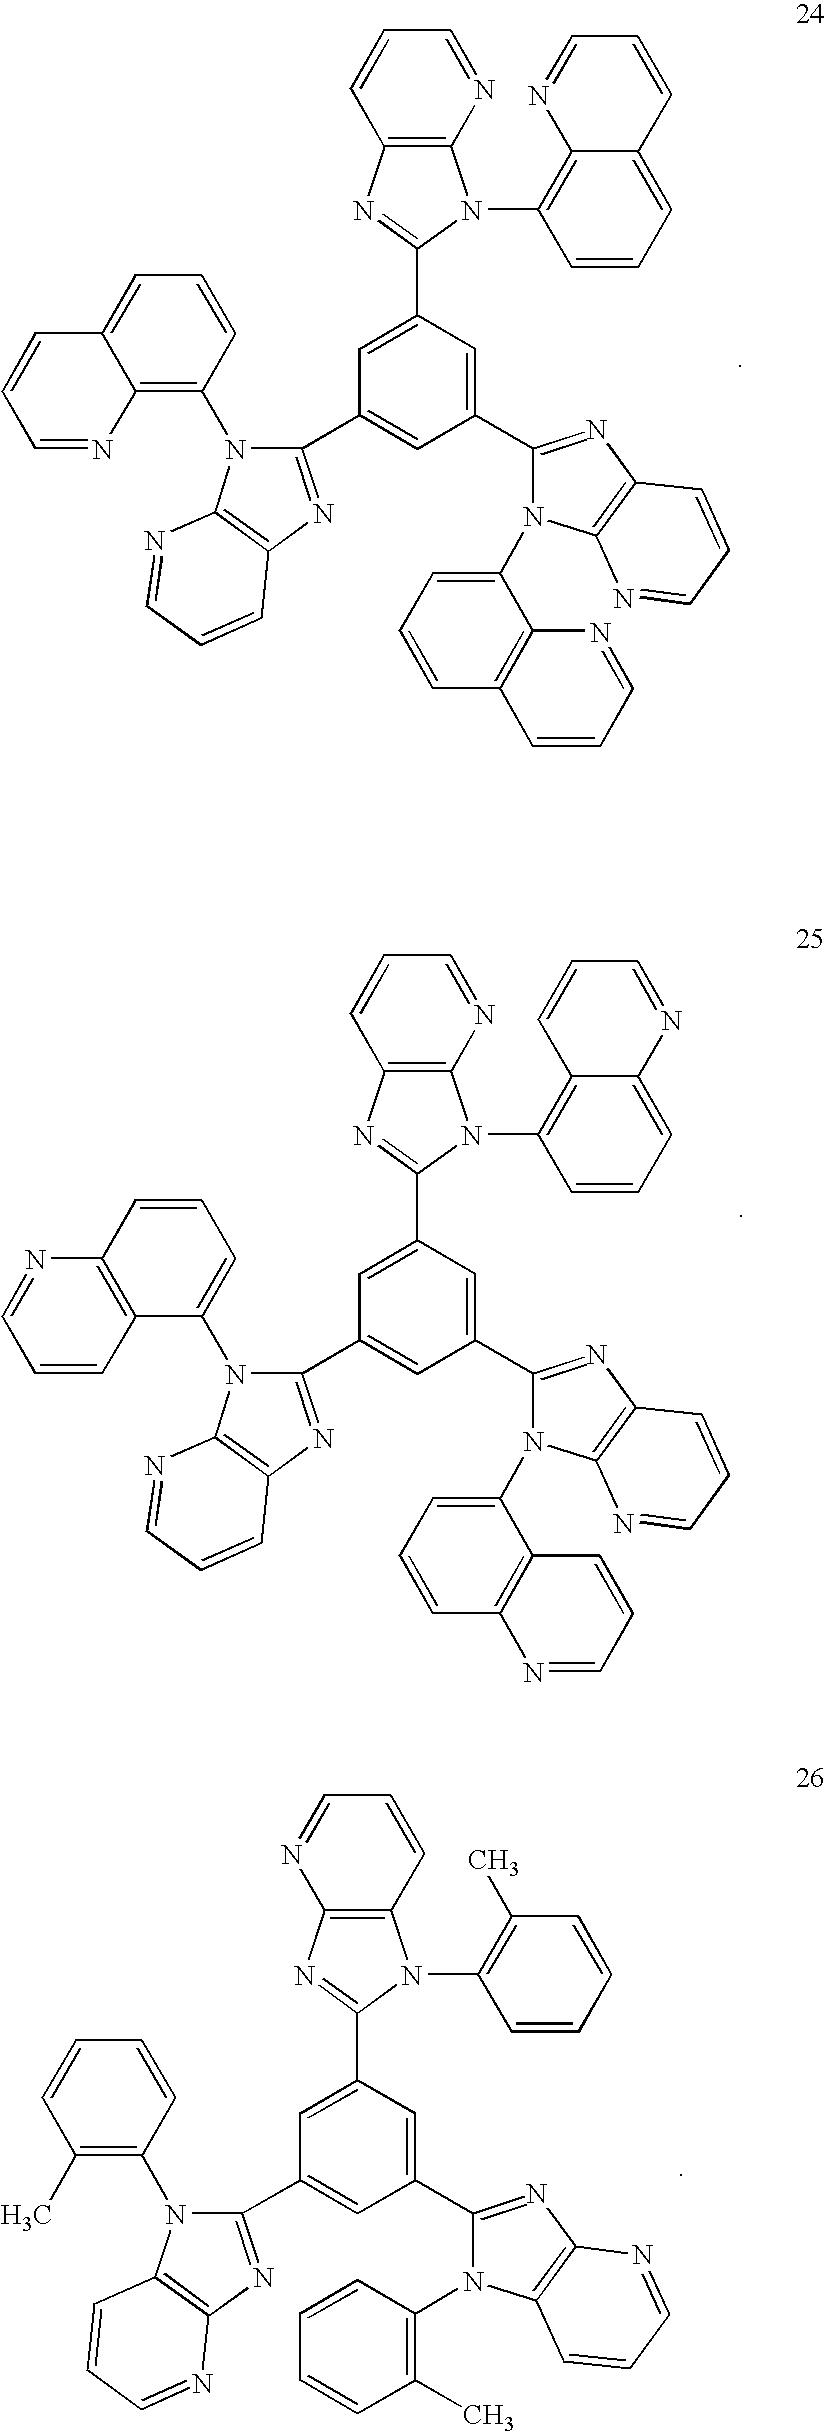 Figure US07683365-20100323-C00010